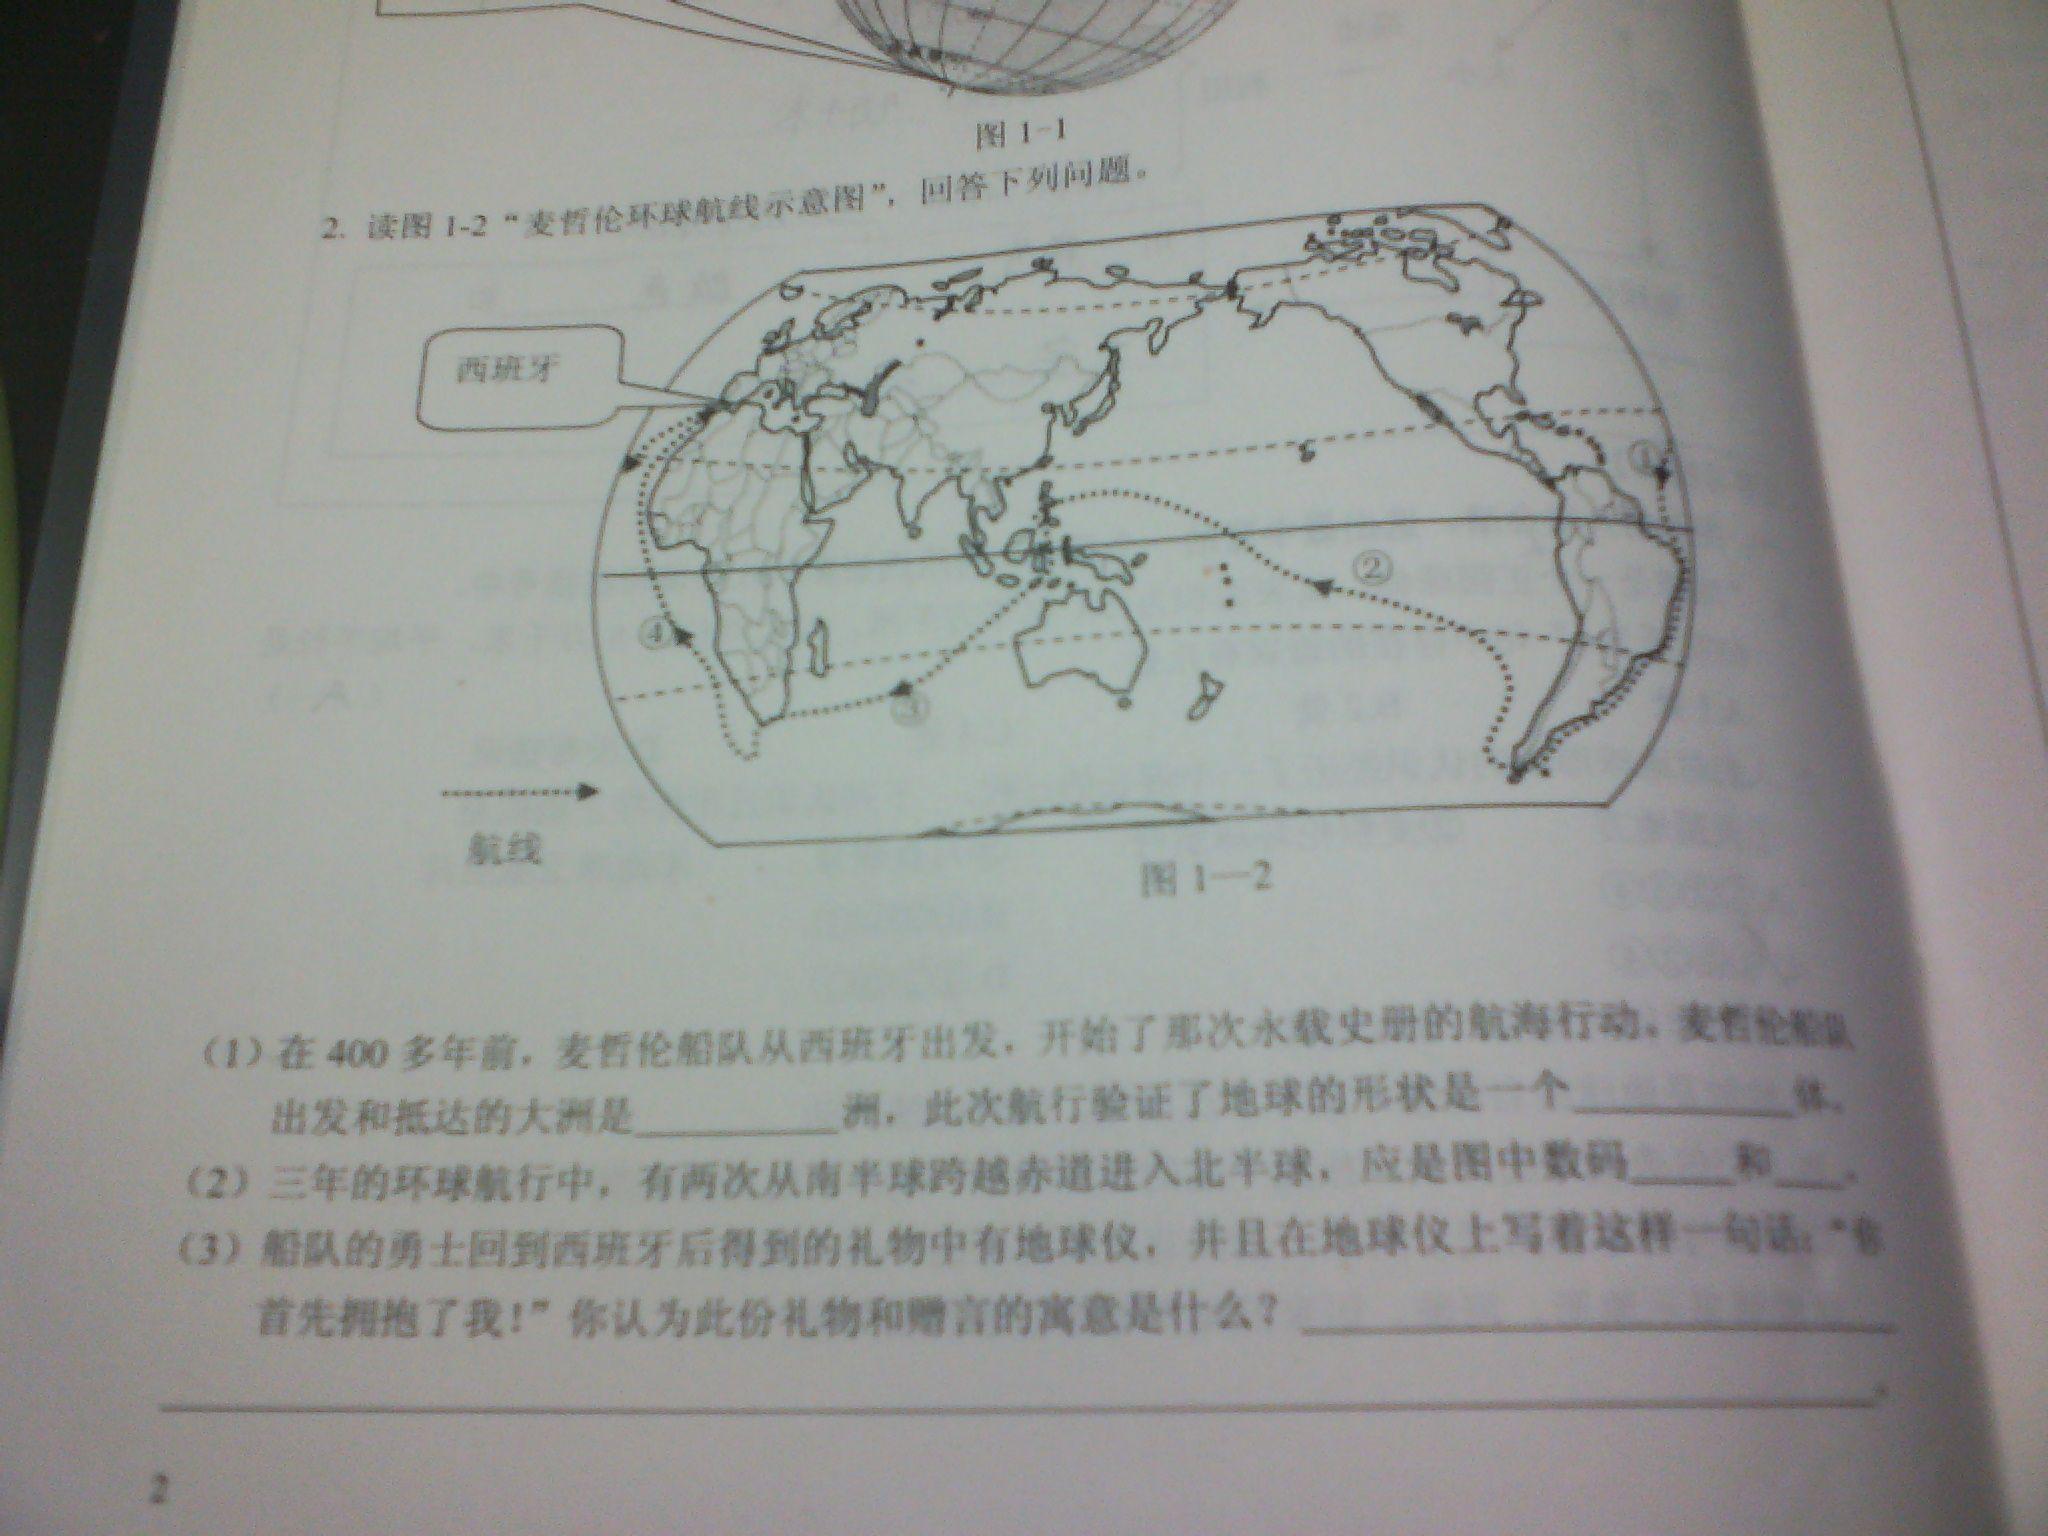 读图1 2 麦哲伦环球航线示意图 回答下列问题高清图片